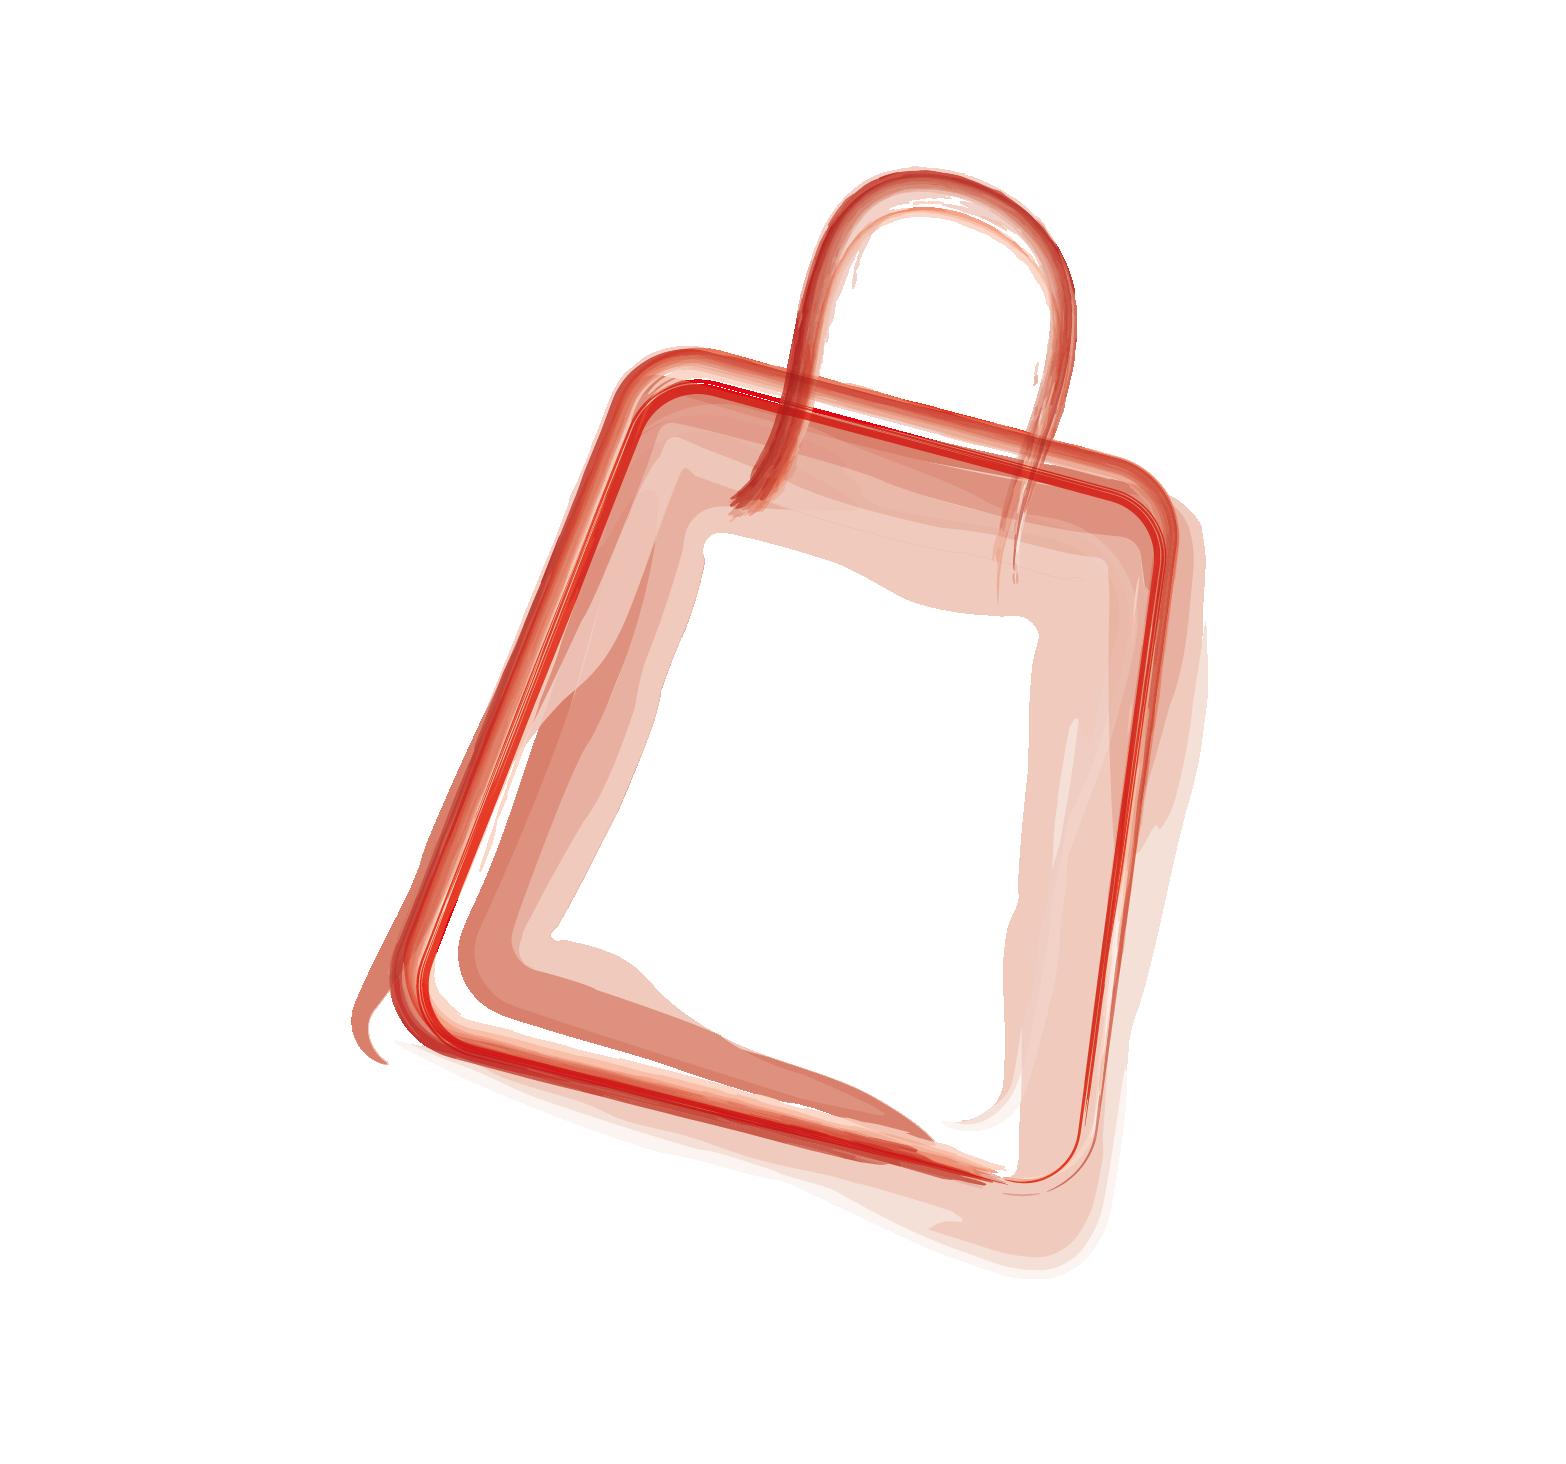 icone-tratto-rosso-05